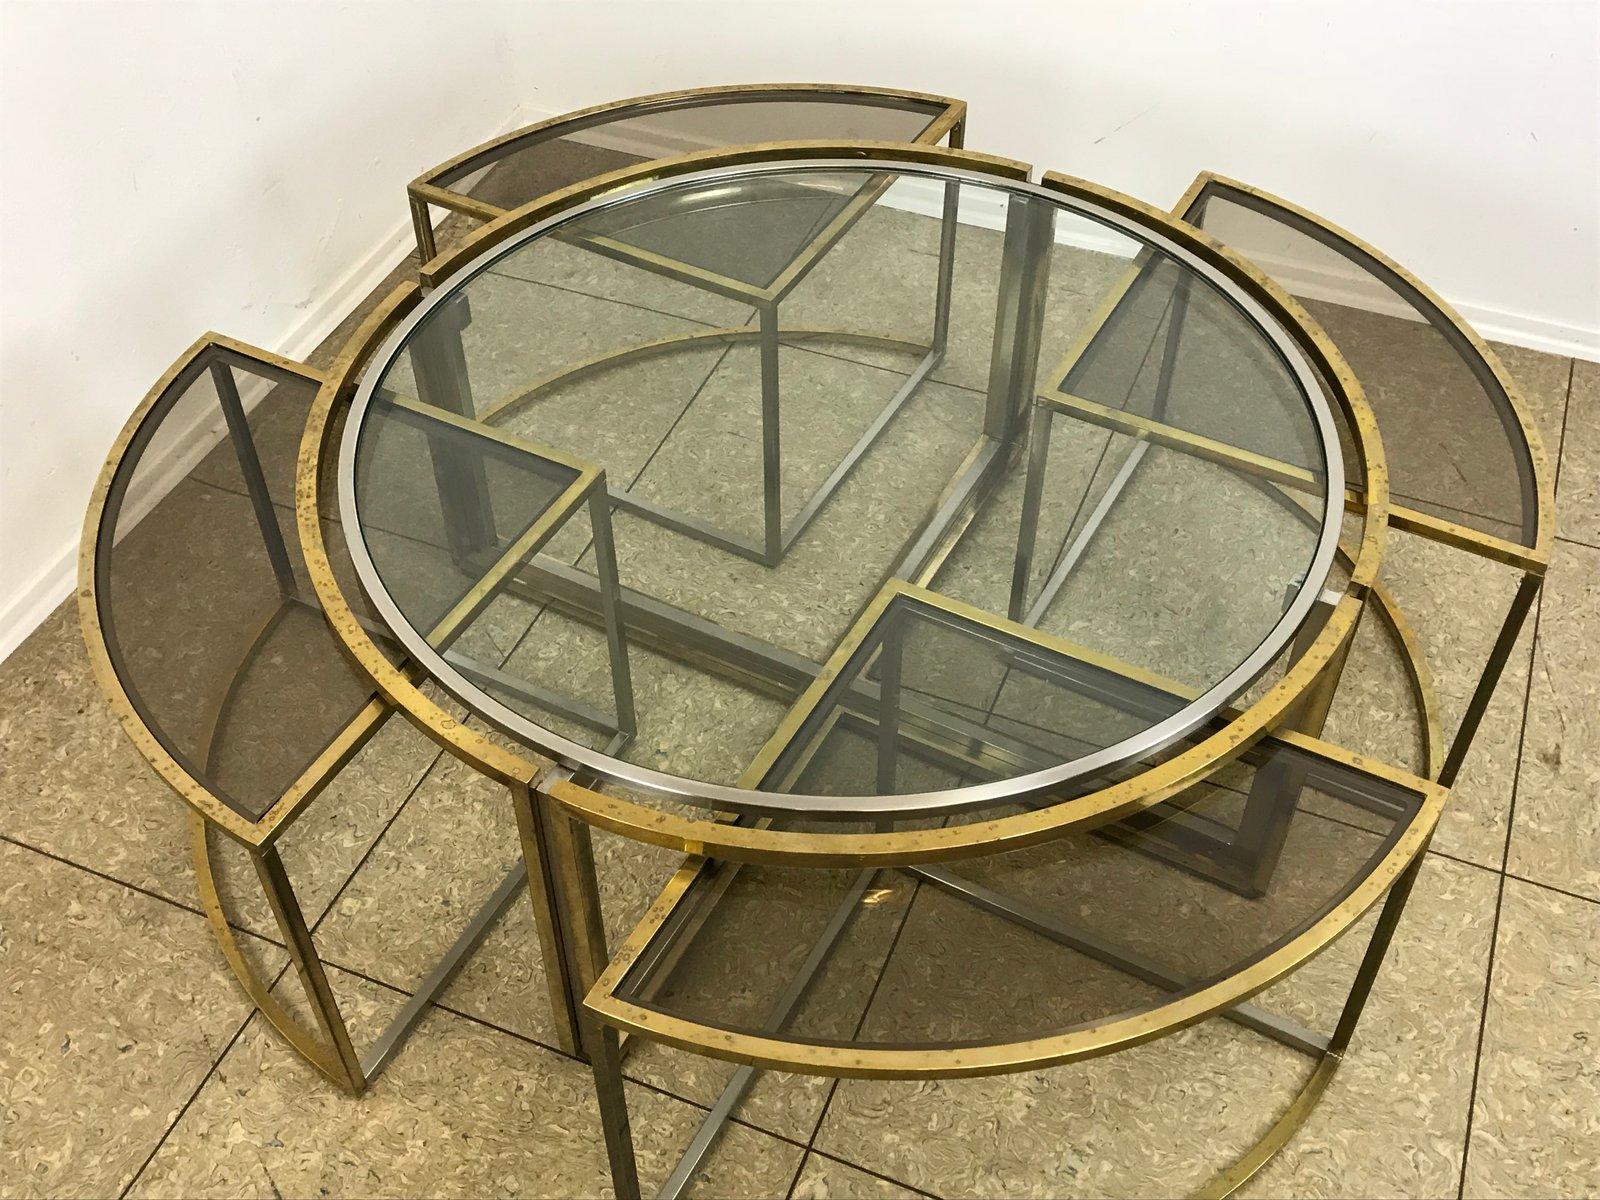 table basse vintage en laiton et chrome avec 4 tables gigognes en vente sur pamono. Black Bedroom Furniture Sets. Home Design Ideas